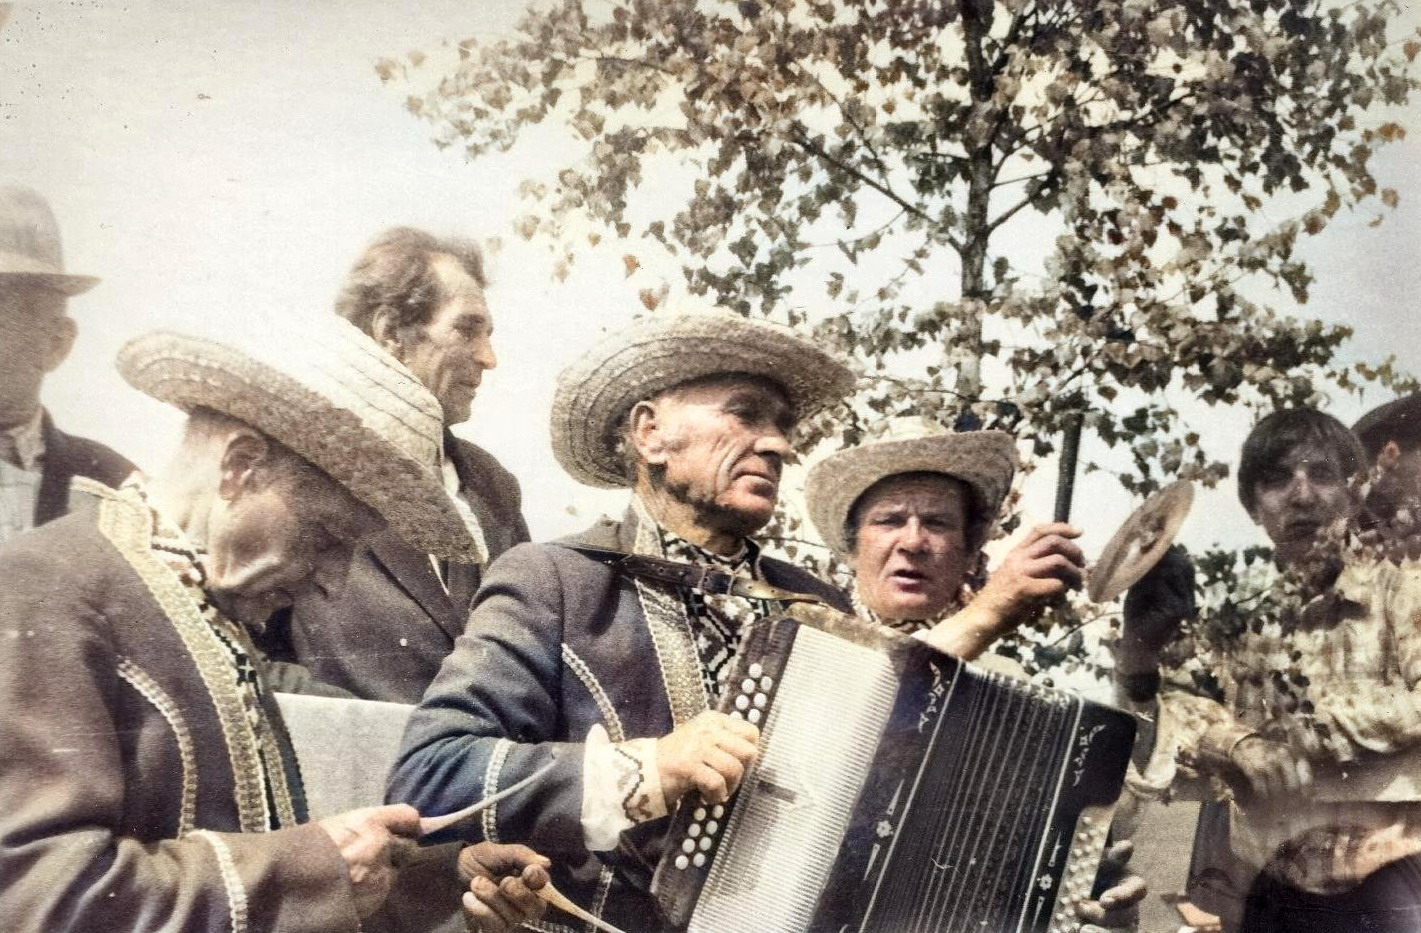 Кушлянская капэла ў поўным складзе: Браніслаў Дэбесь (злева), Сцяпан Піменаў, Генрых Бярнат